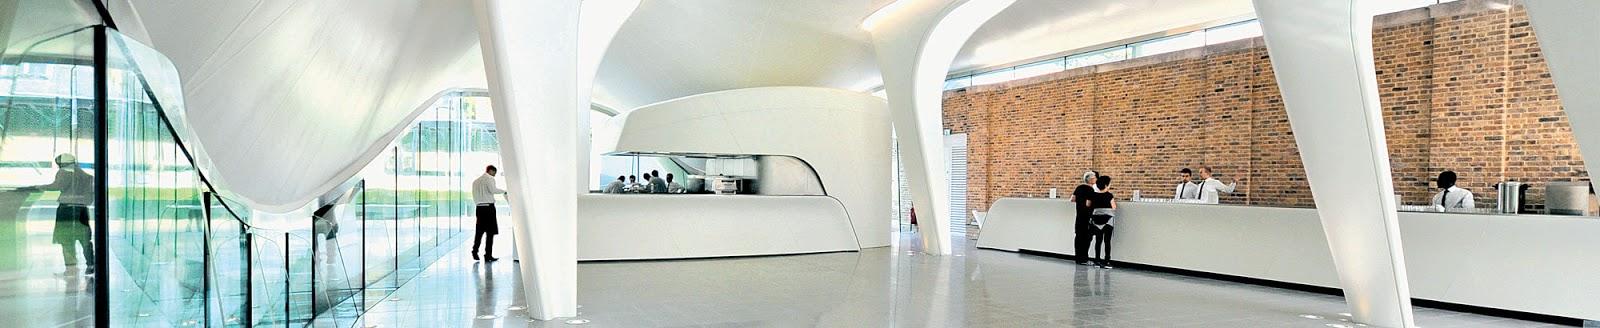 xenia-smart-hotel